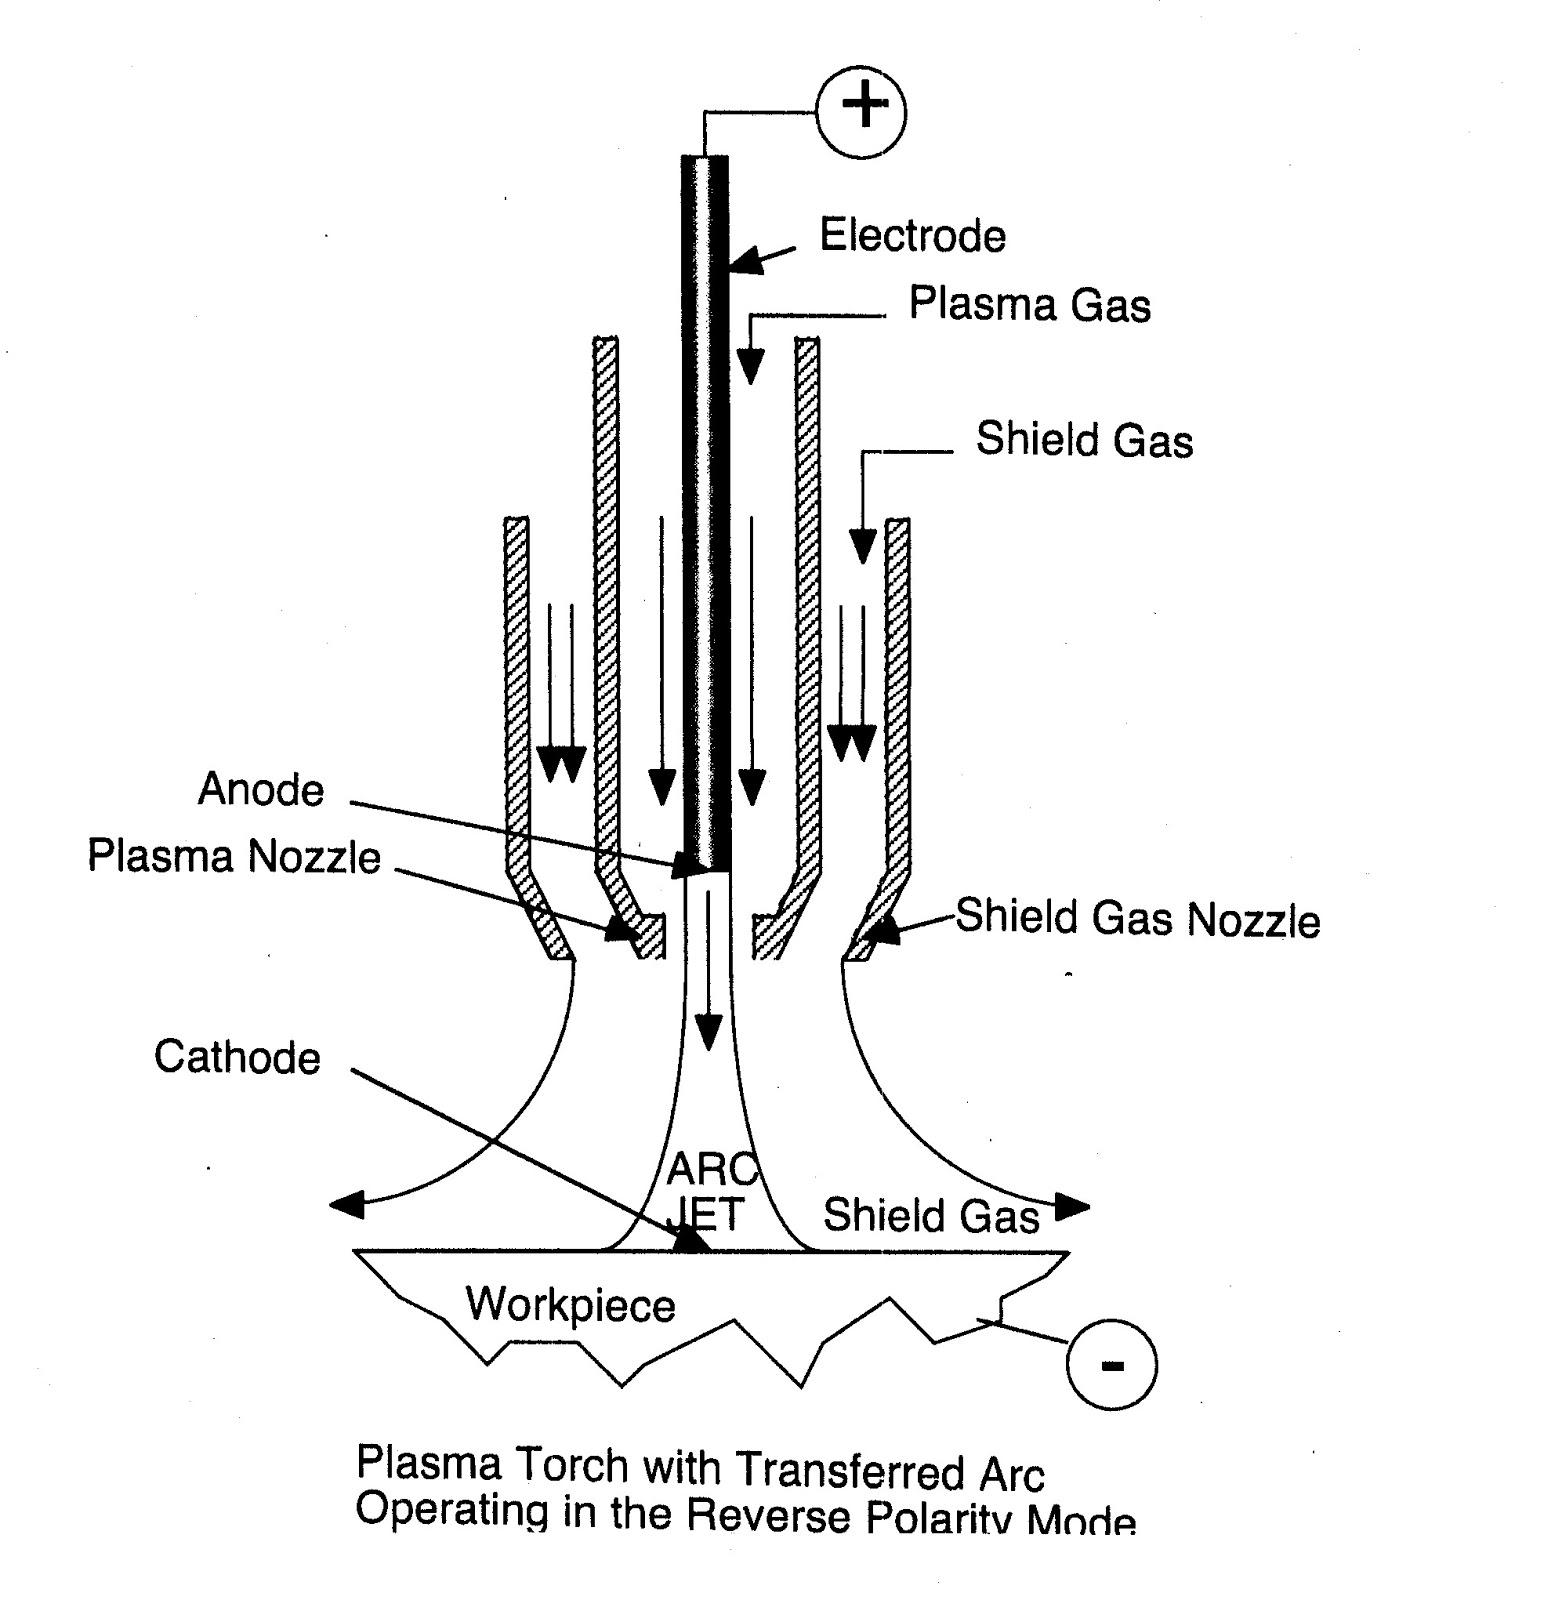 Plasma Arc Welding Diagram 26 Wiring Diagram Images